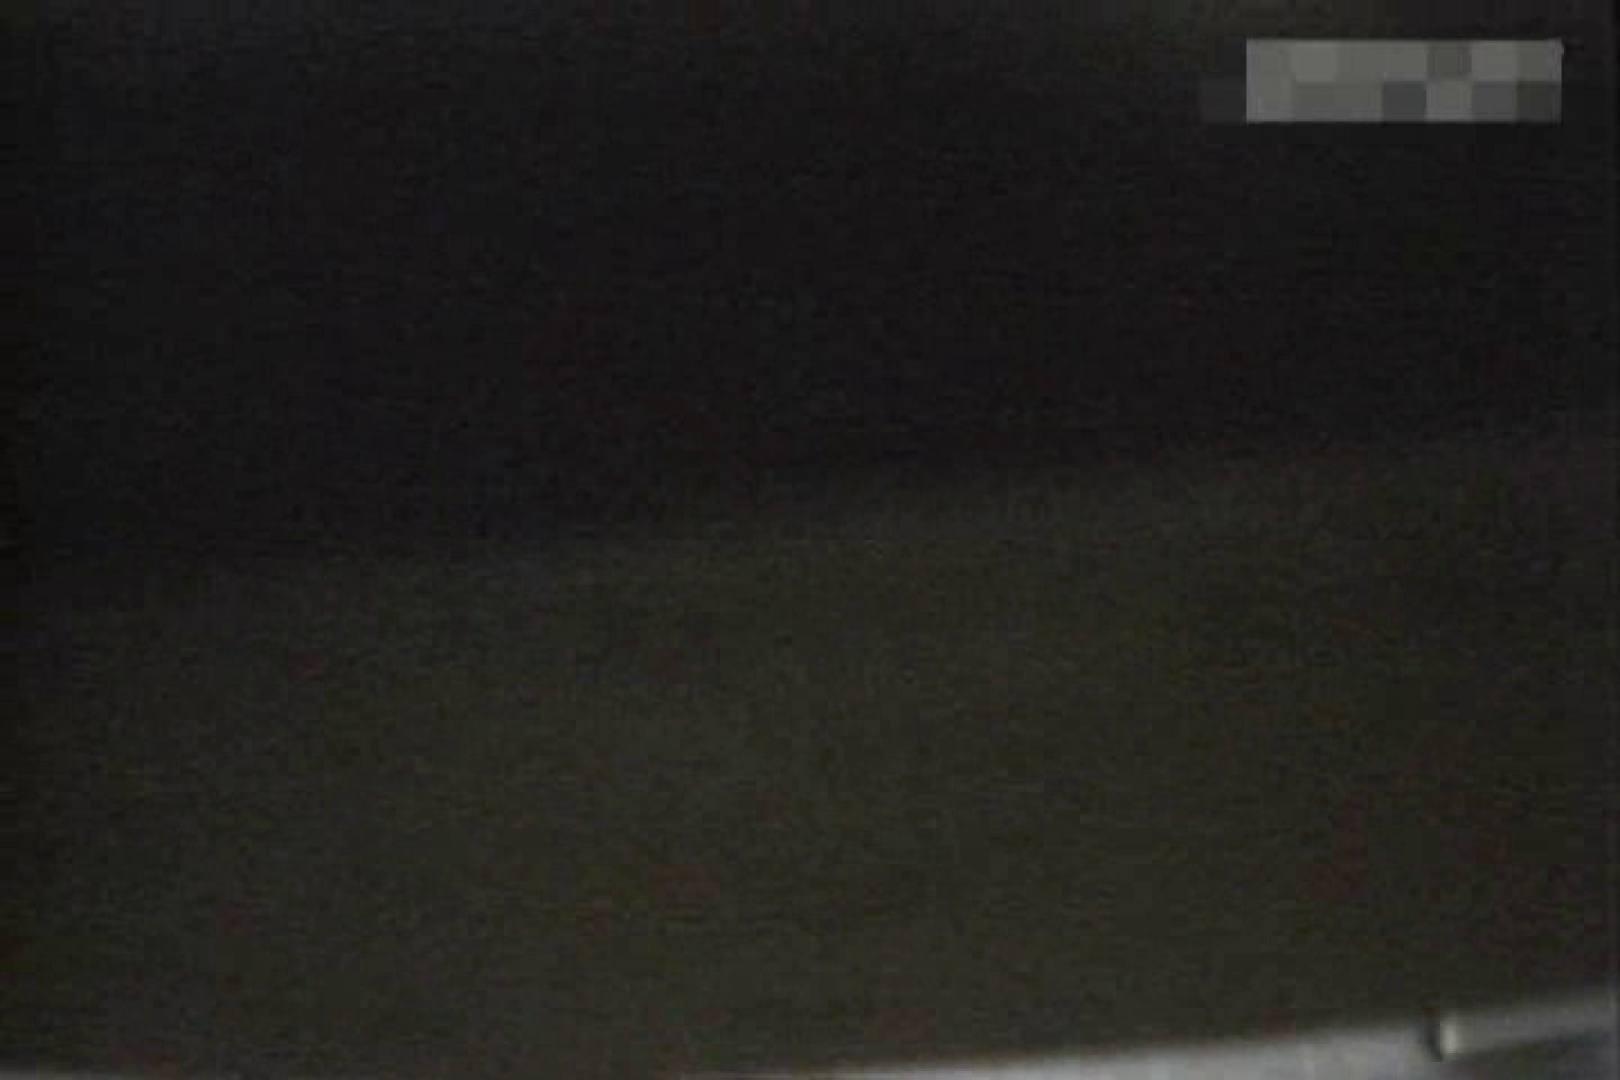 個室狂いのマニア映像Vol.2 水着   美しいOLの裸体  76pic 25